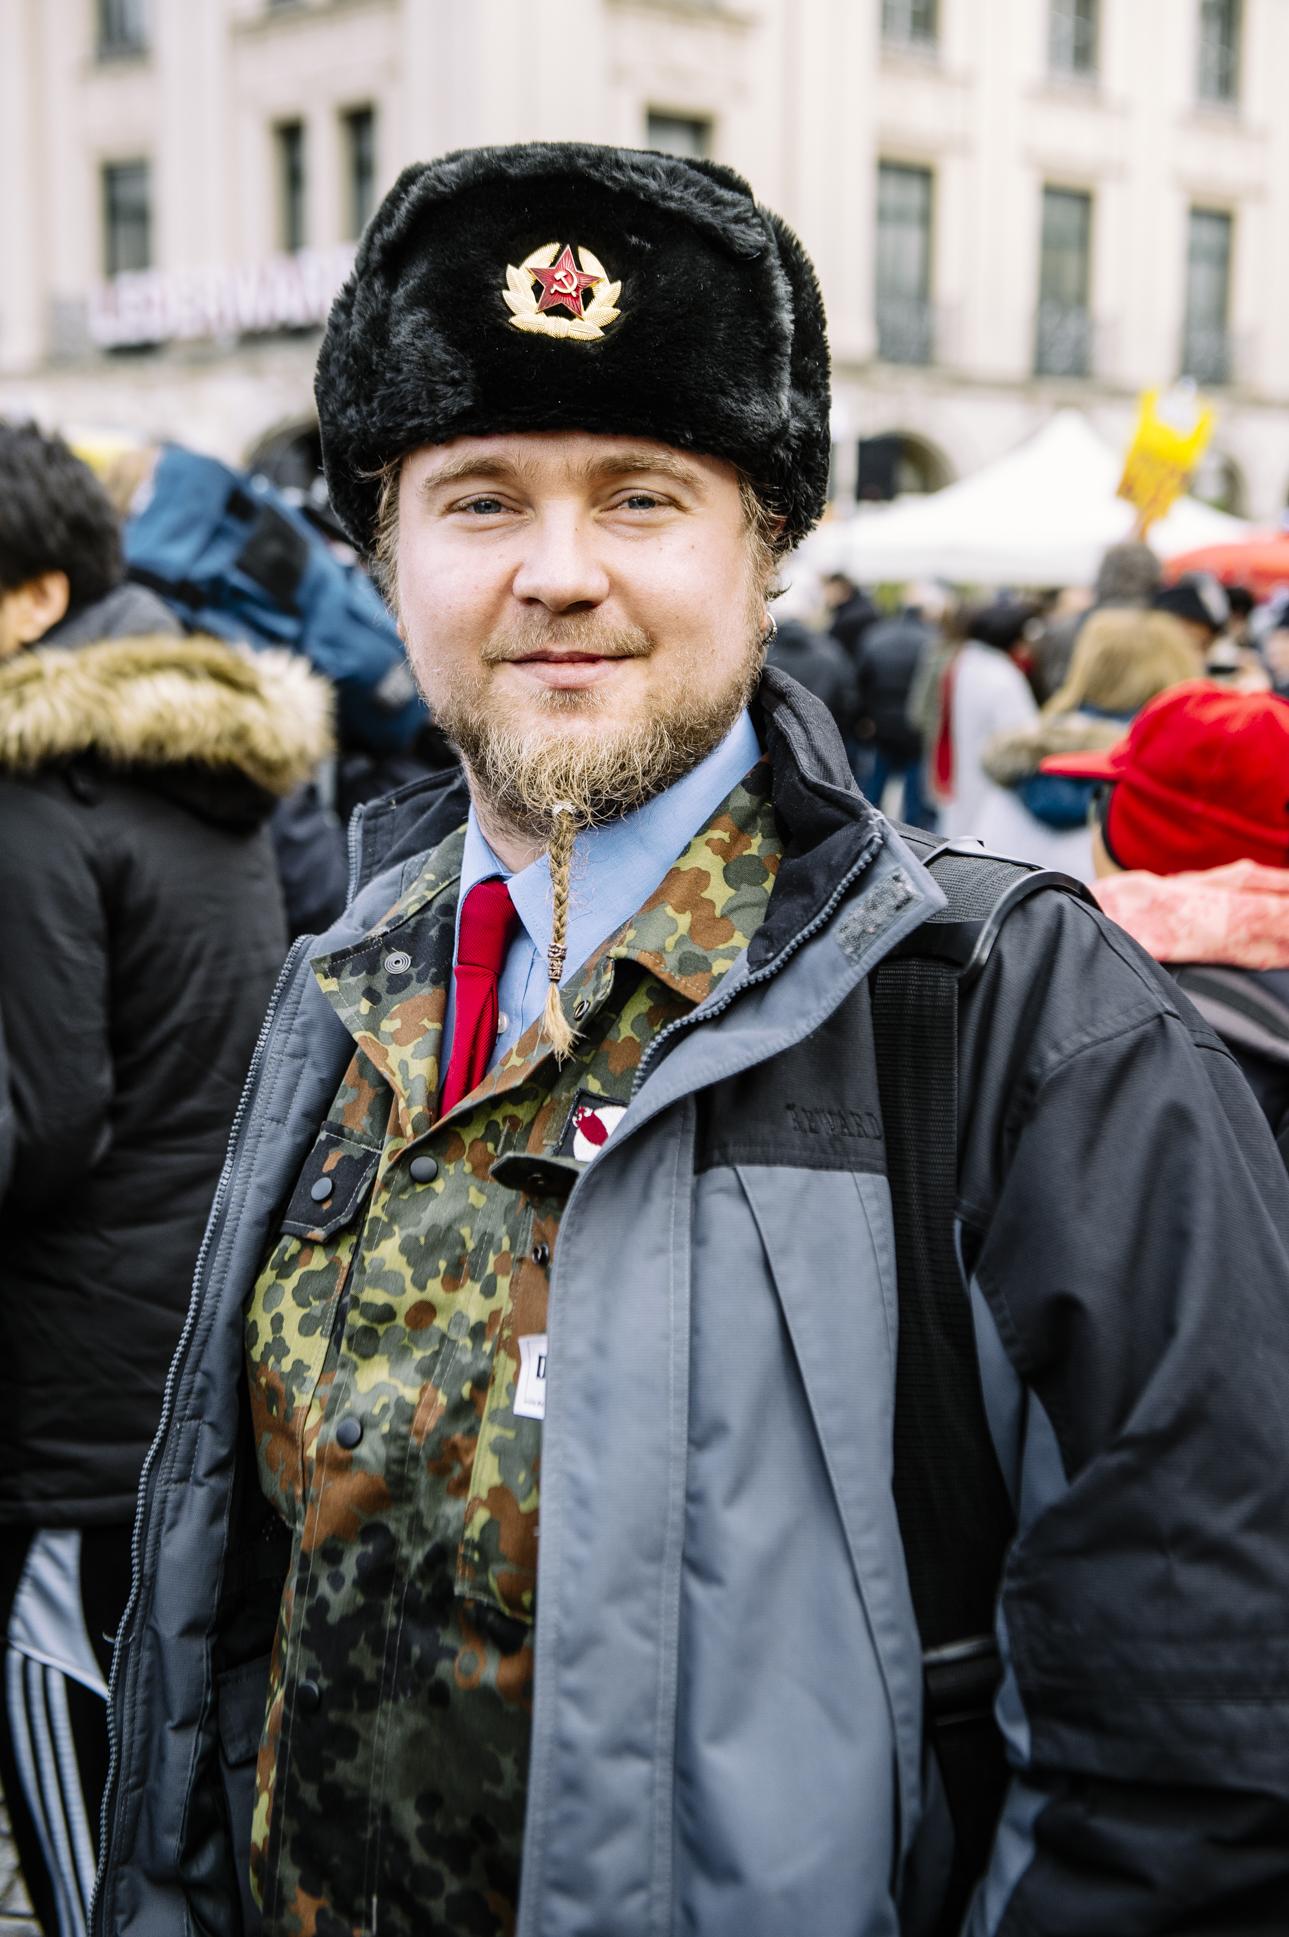 Sicherheitskonferenz (2016)   Seit 1963 treffen sich jedes Jahr Vertreter verschiedener Staaten mitten im Herzen Münchens, um über Sicherheitspolitik zu diskutieren. Demonstranten unterschiedlichster politischen Richtungen kommen am 13. Februar zu einer großen Gegenkundgebung zusammen.